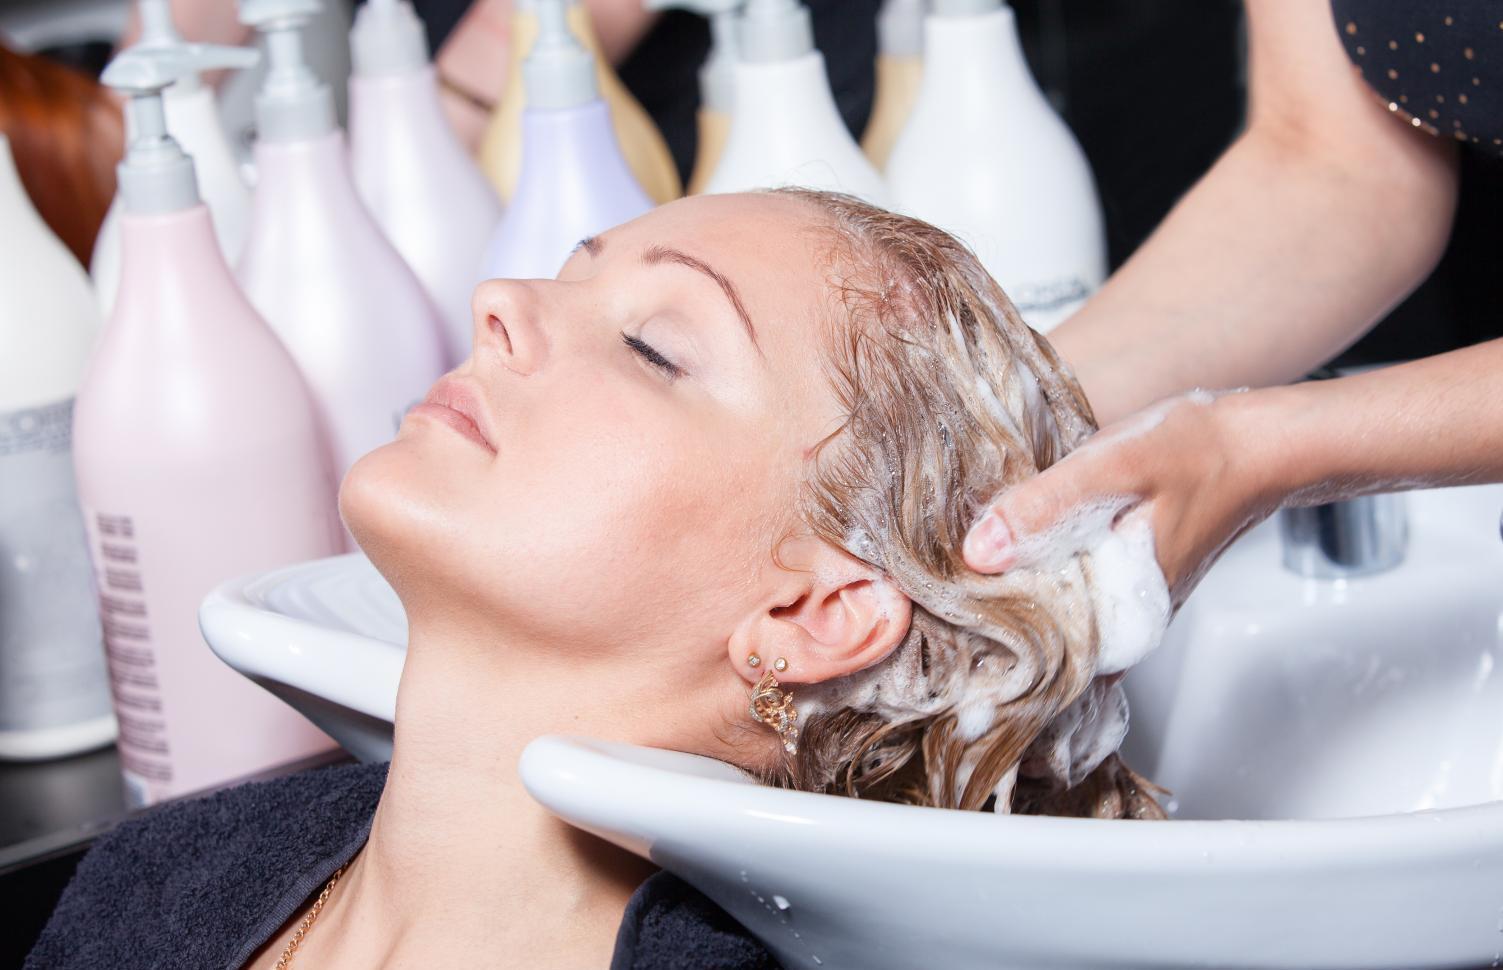 Лунный календарь стрижек на 2021 год: Благоприятные и неблагоприятные дни для парикмахерских манипуляций